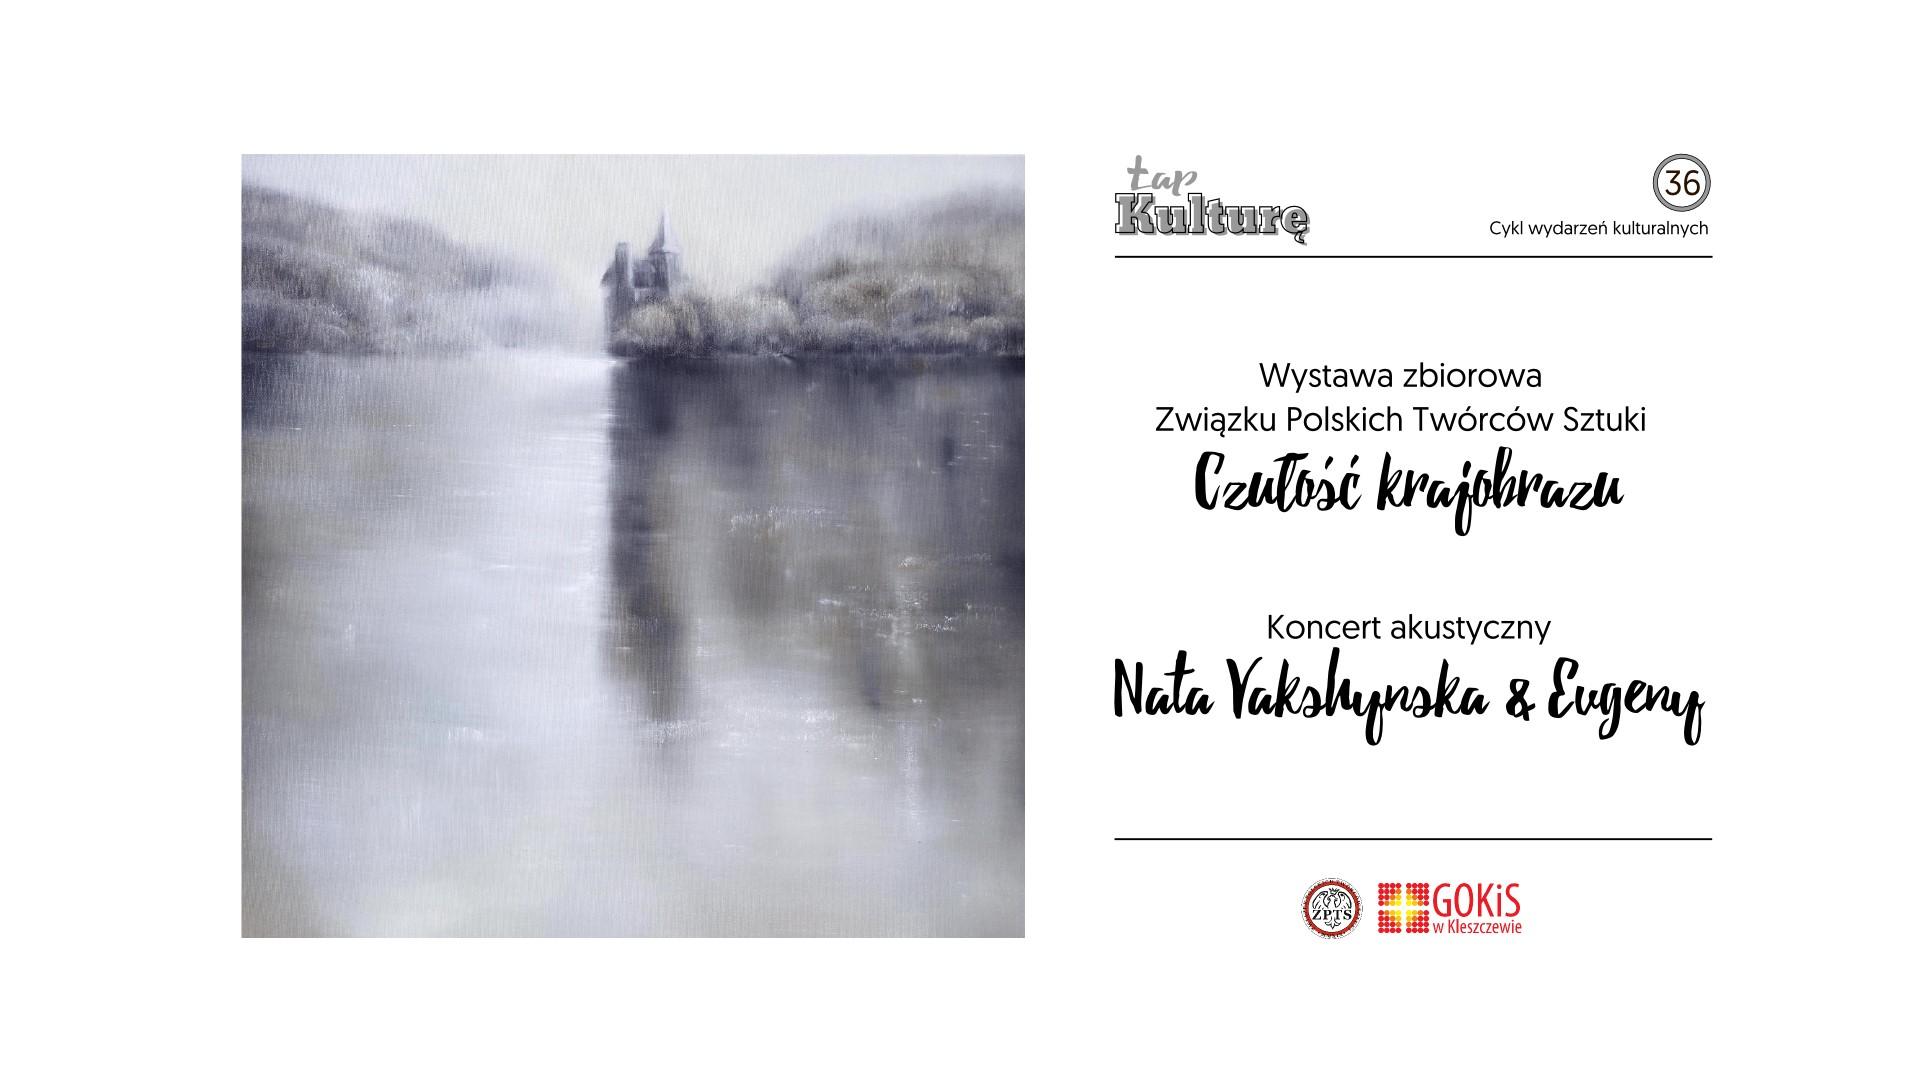 Łap Kulturę - wystawa Czułość krajobrazu i koncert Nata & Evgeny